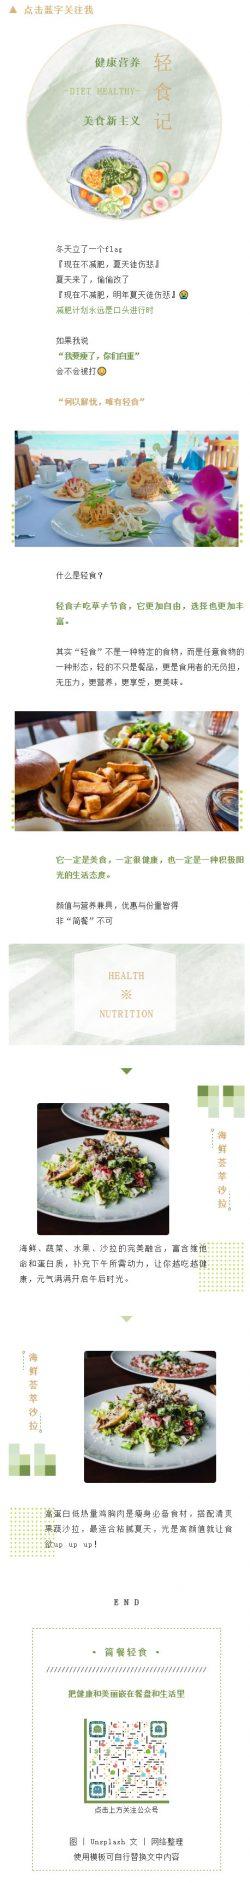 简餐轻食减肥冷色浅色绿色风格简约清样微信推送美食图文模板